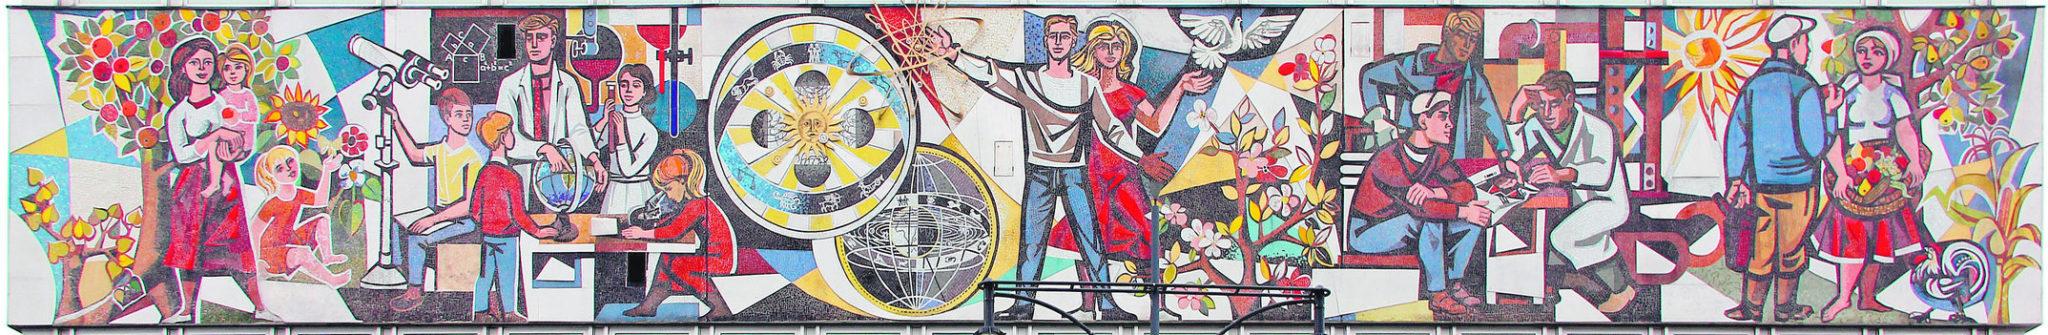 Вальтер Вомачка. Мозаичный фриз «Наша жизнь» в доме учителя в Берлине (1964)